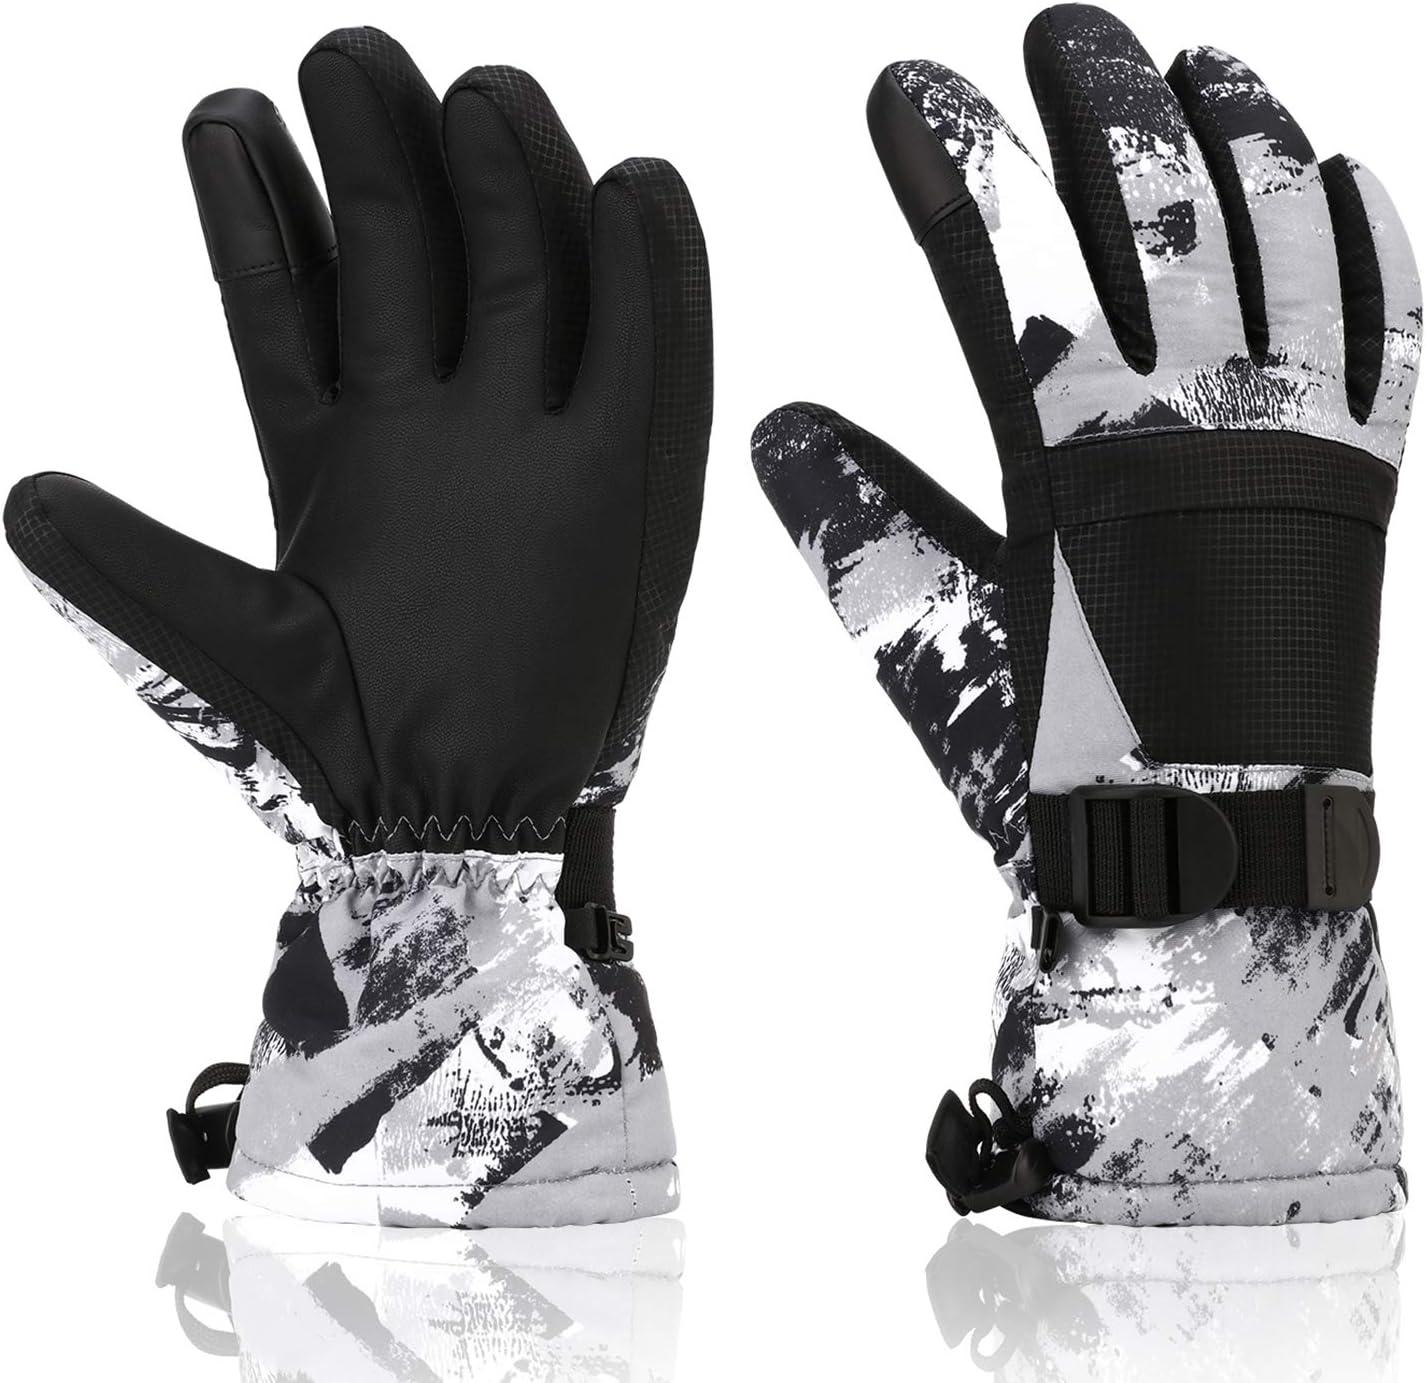 Kids Ski Gloves Winter Gloves Warm Waterproof Anti-slip Children Outdoor Sport